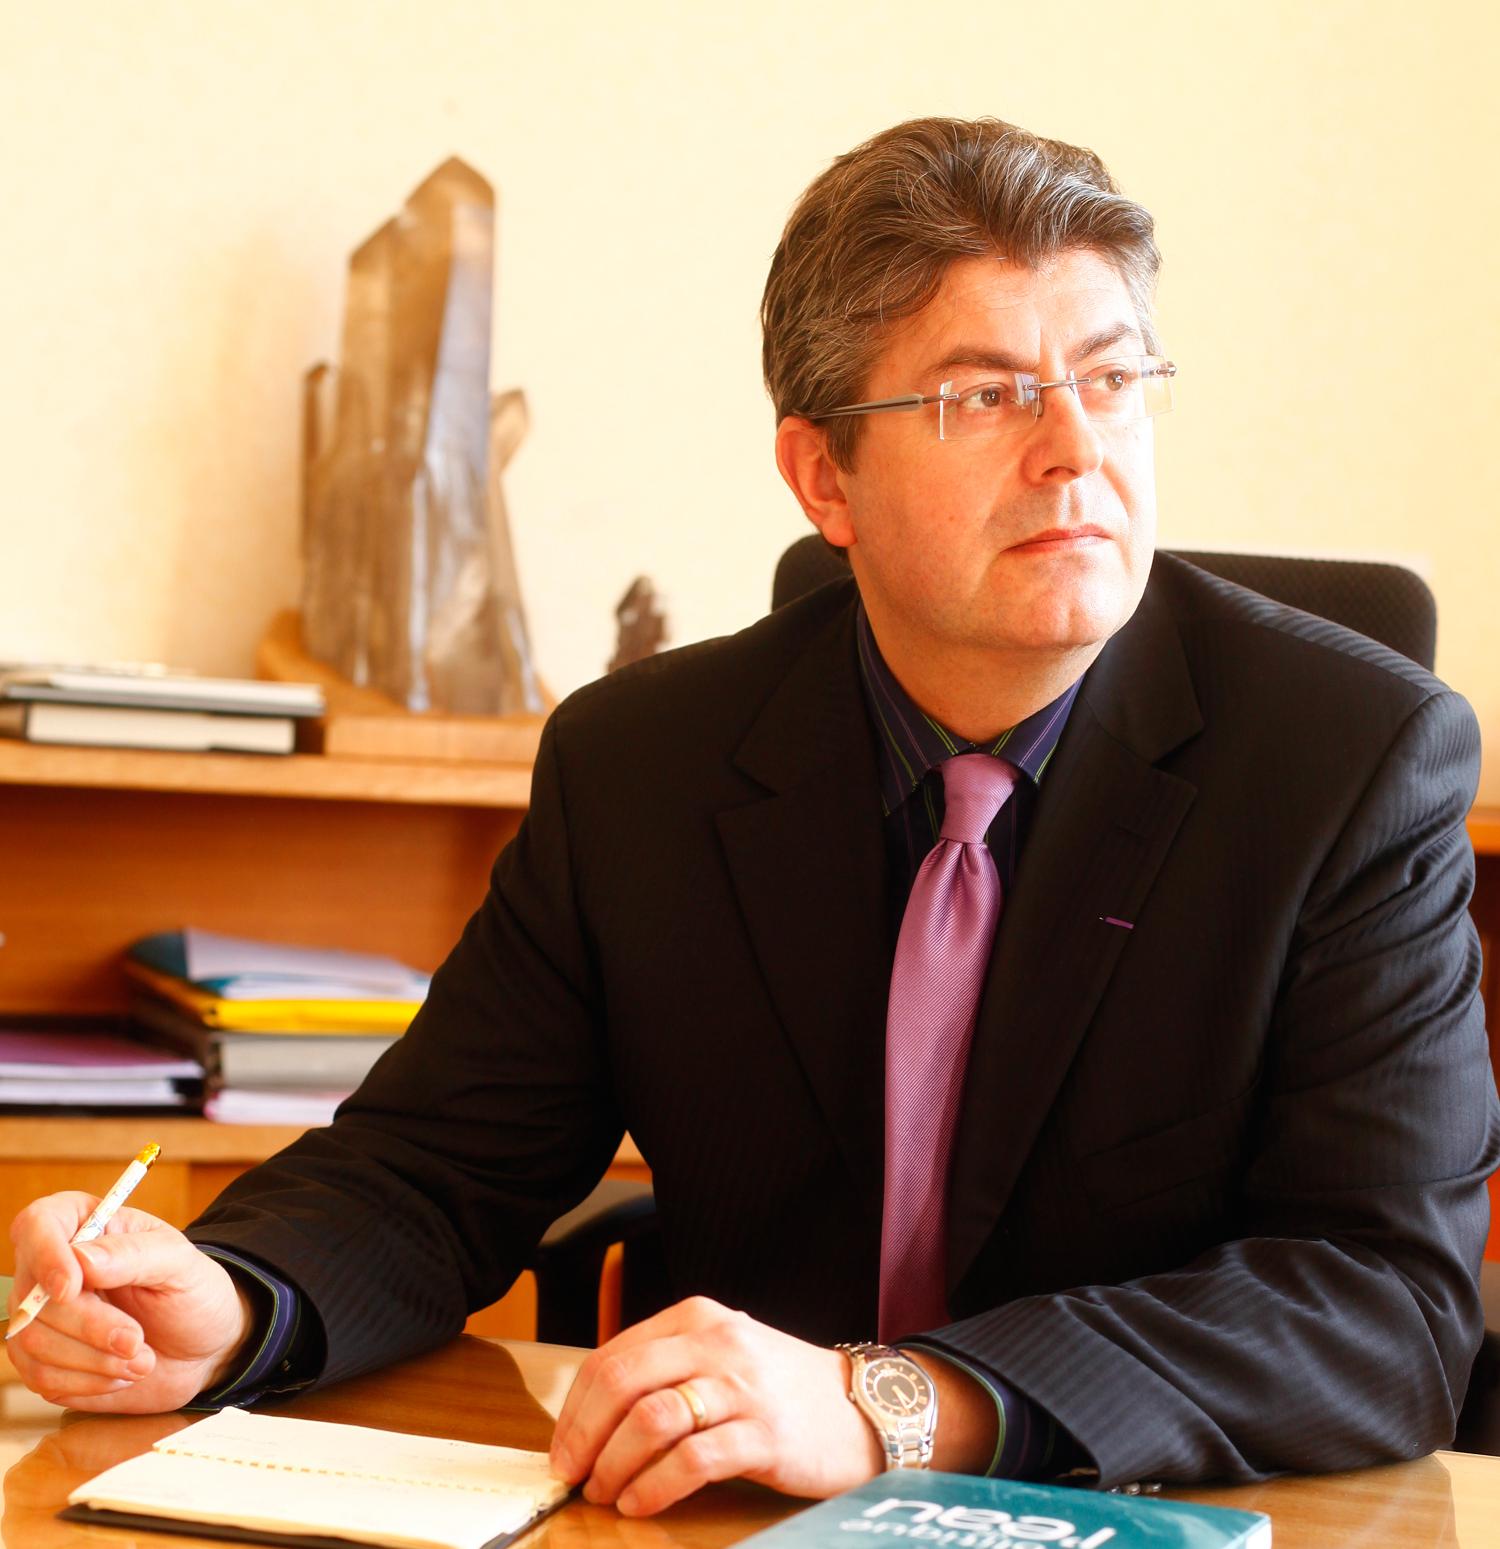 Michel Jauzein, Directeur de l'Ecole des Mines de Nancy – « Etre directeur des Mines de Nancy, c'est une fierté mais aussi un challenge. »